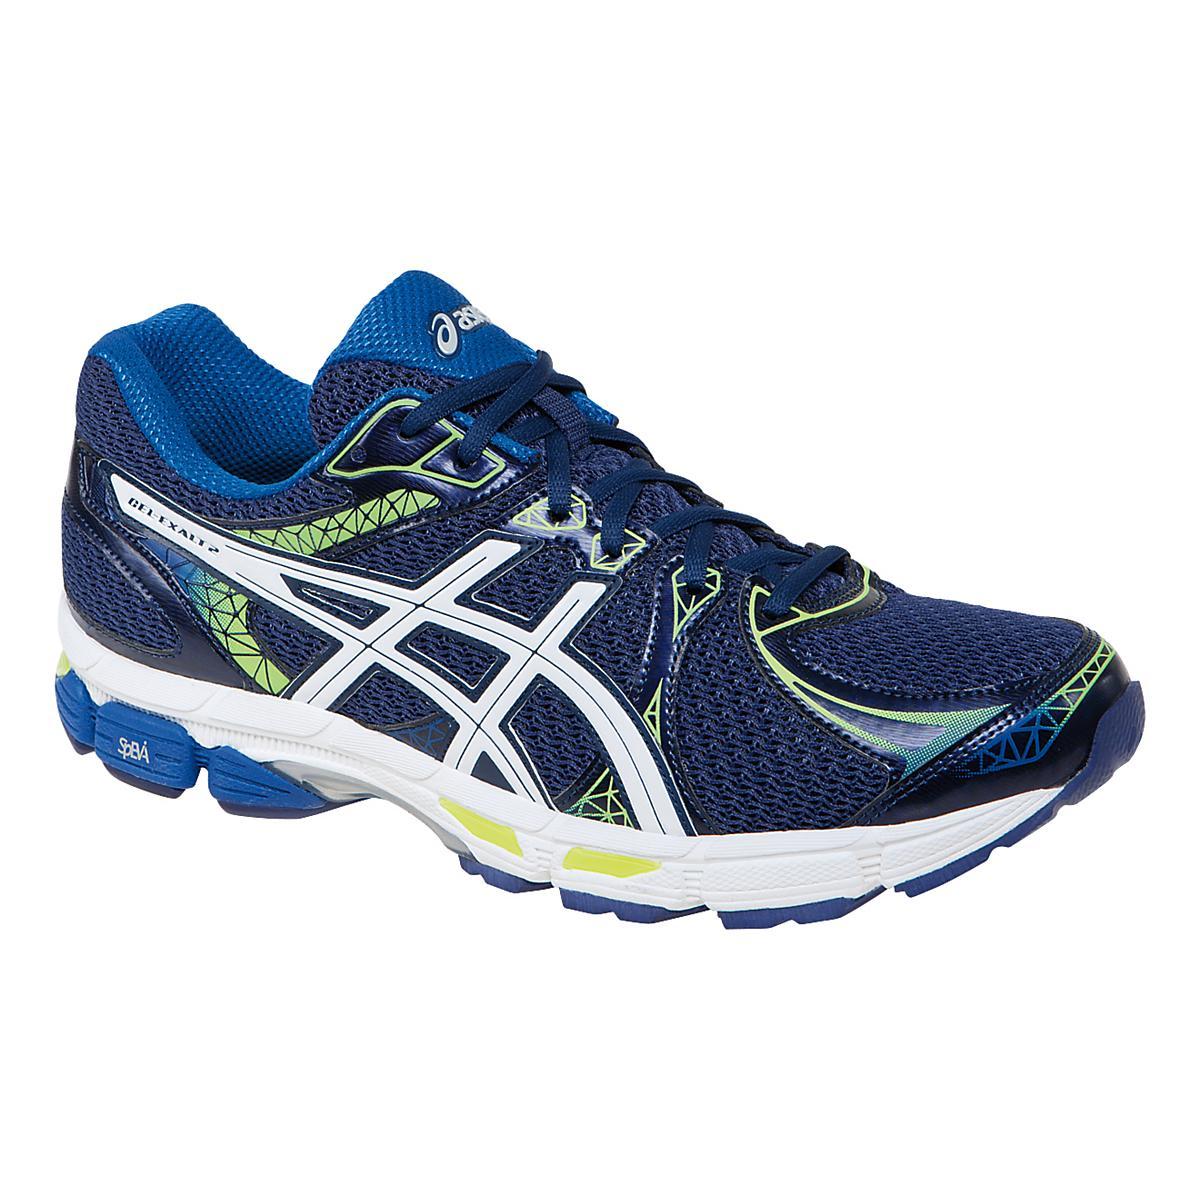 Chaussure Gel de à course à pied ASICS Gel Exalt 2 2 pour homme chez Road Runner Sports 5732f5f - coconutrecipe.info